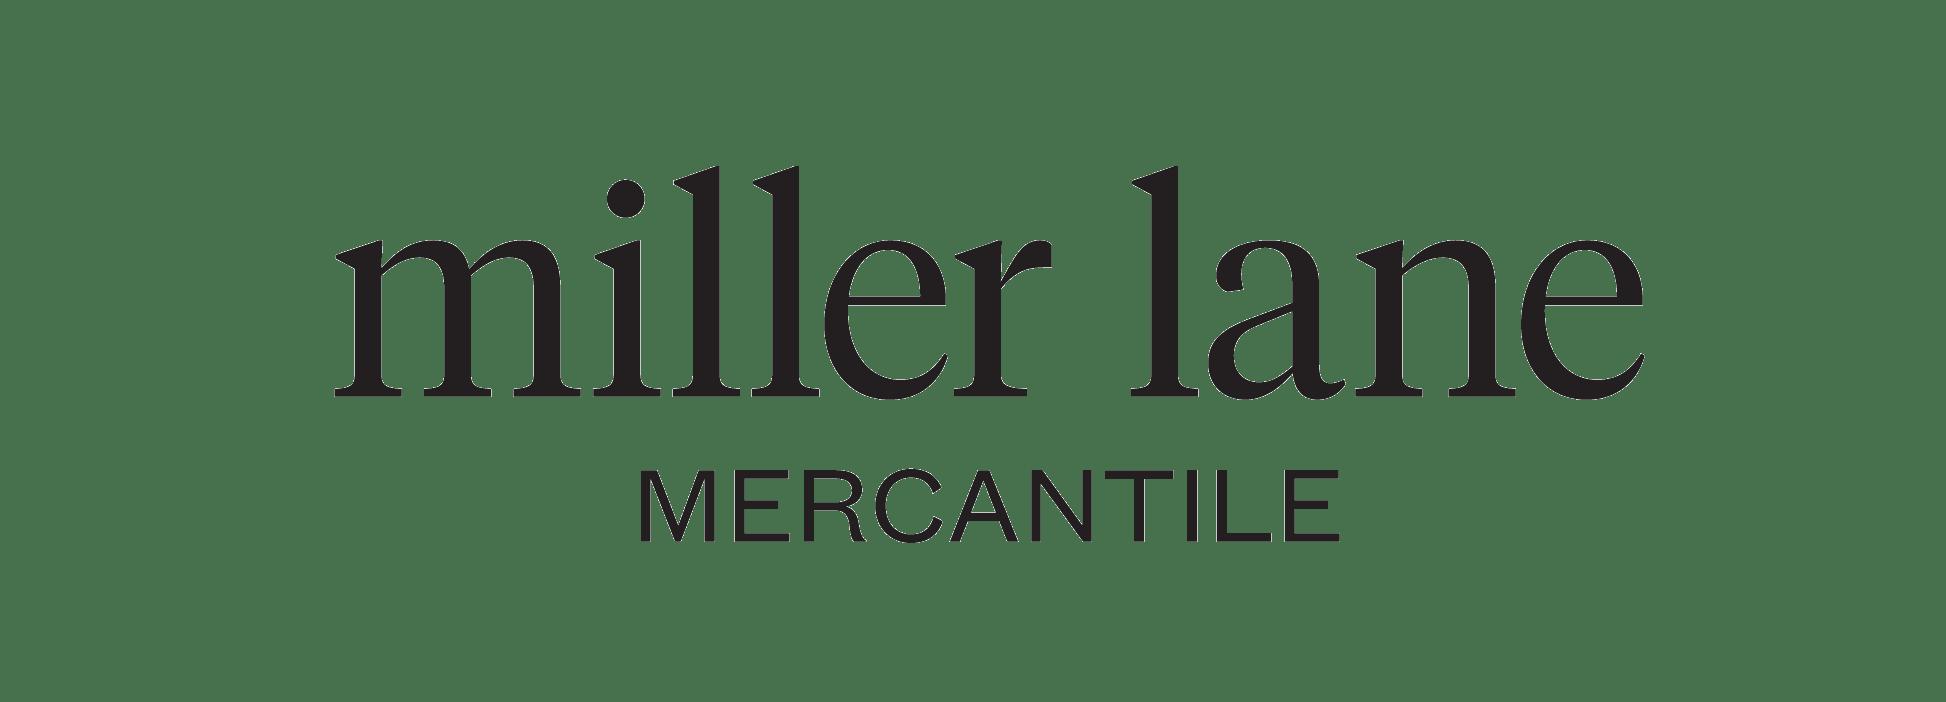 Miller Lane Mercantile Logo